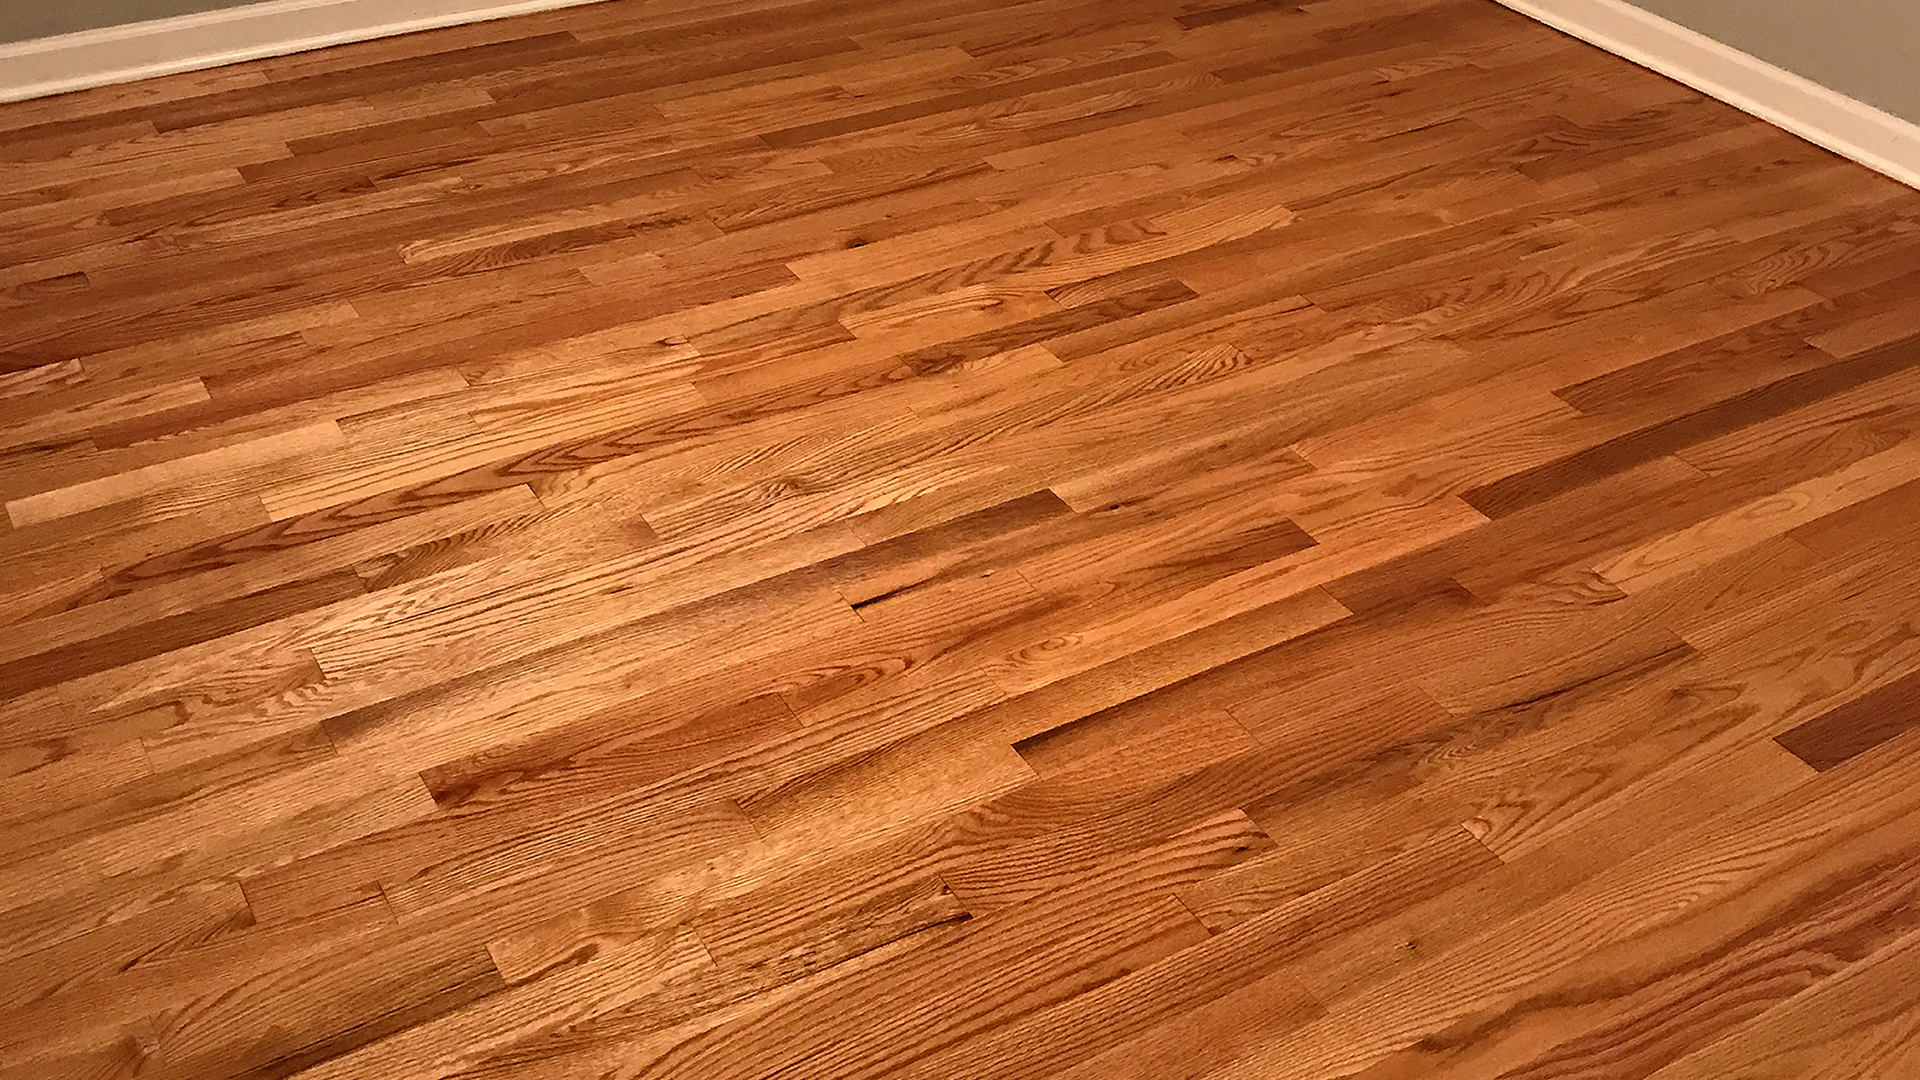 Por sua capacidade de isolar os espaços térmica e acusticamente, a madeira ajuda a criar ambientes aconchegantes